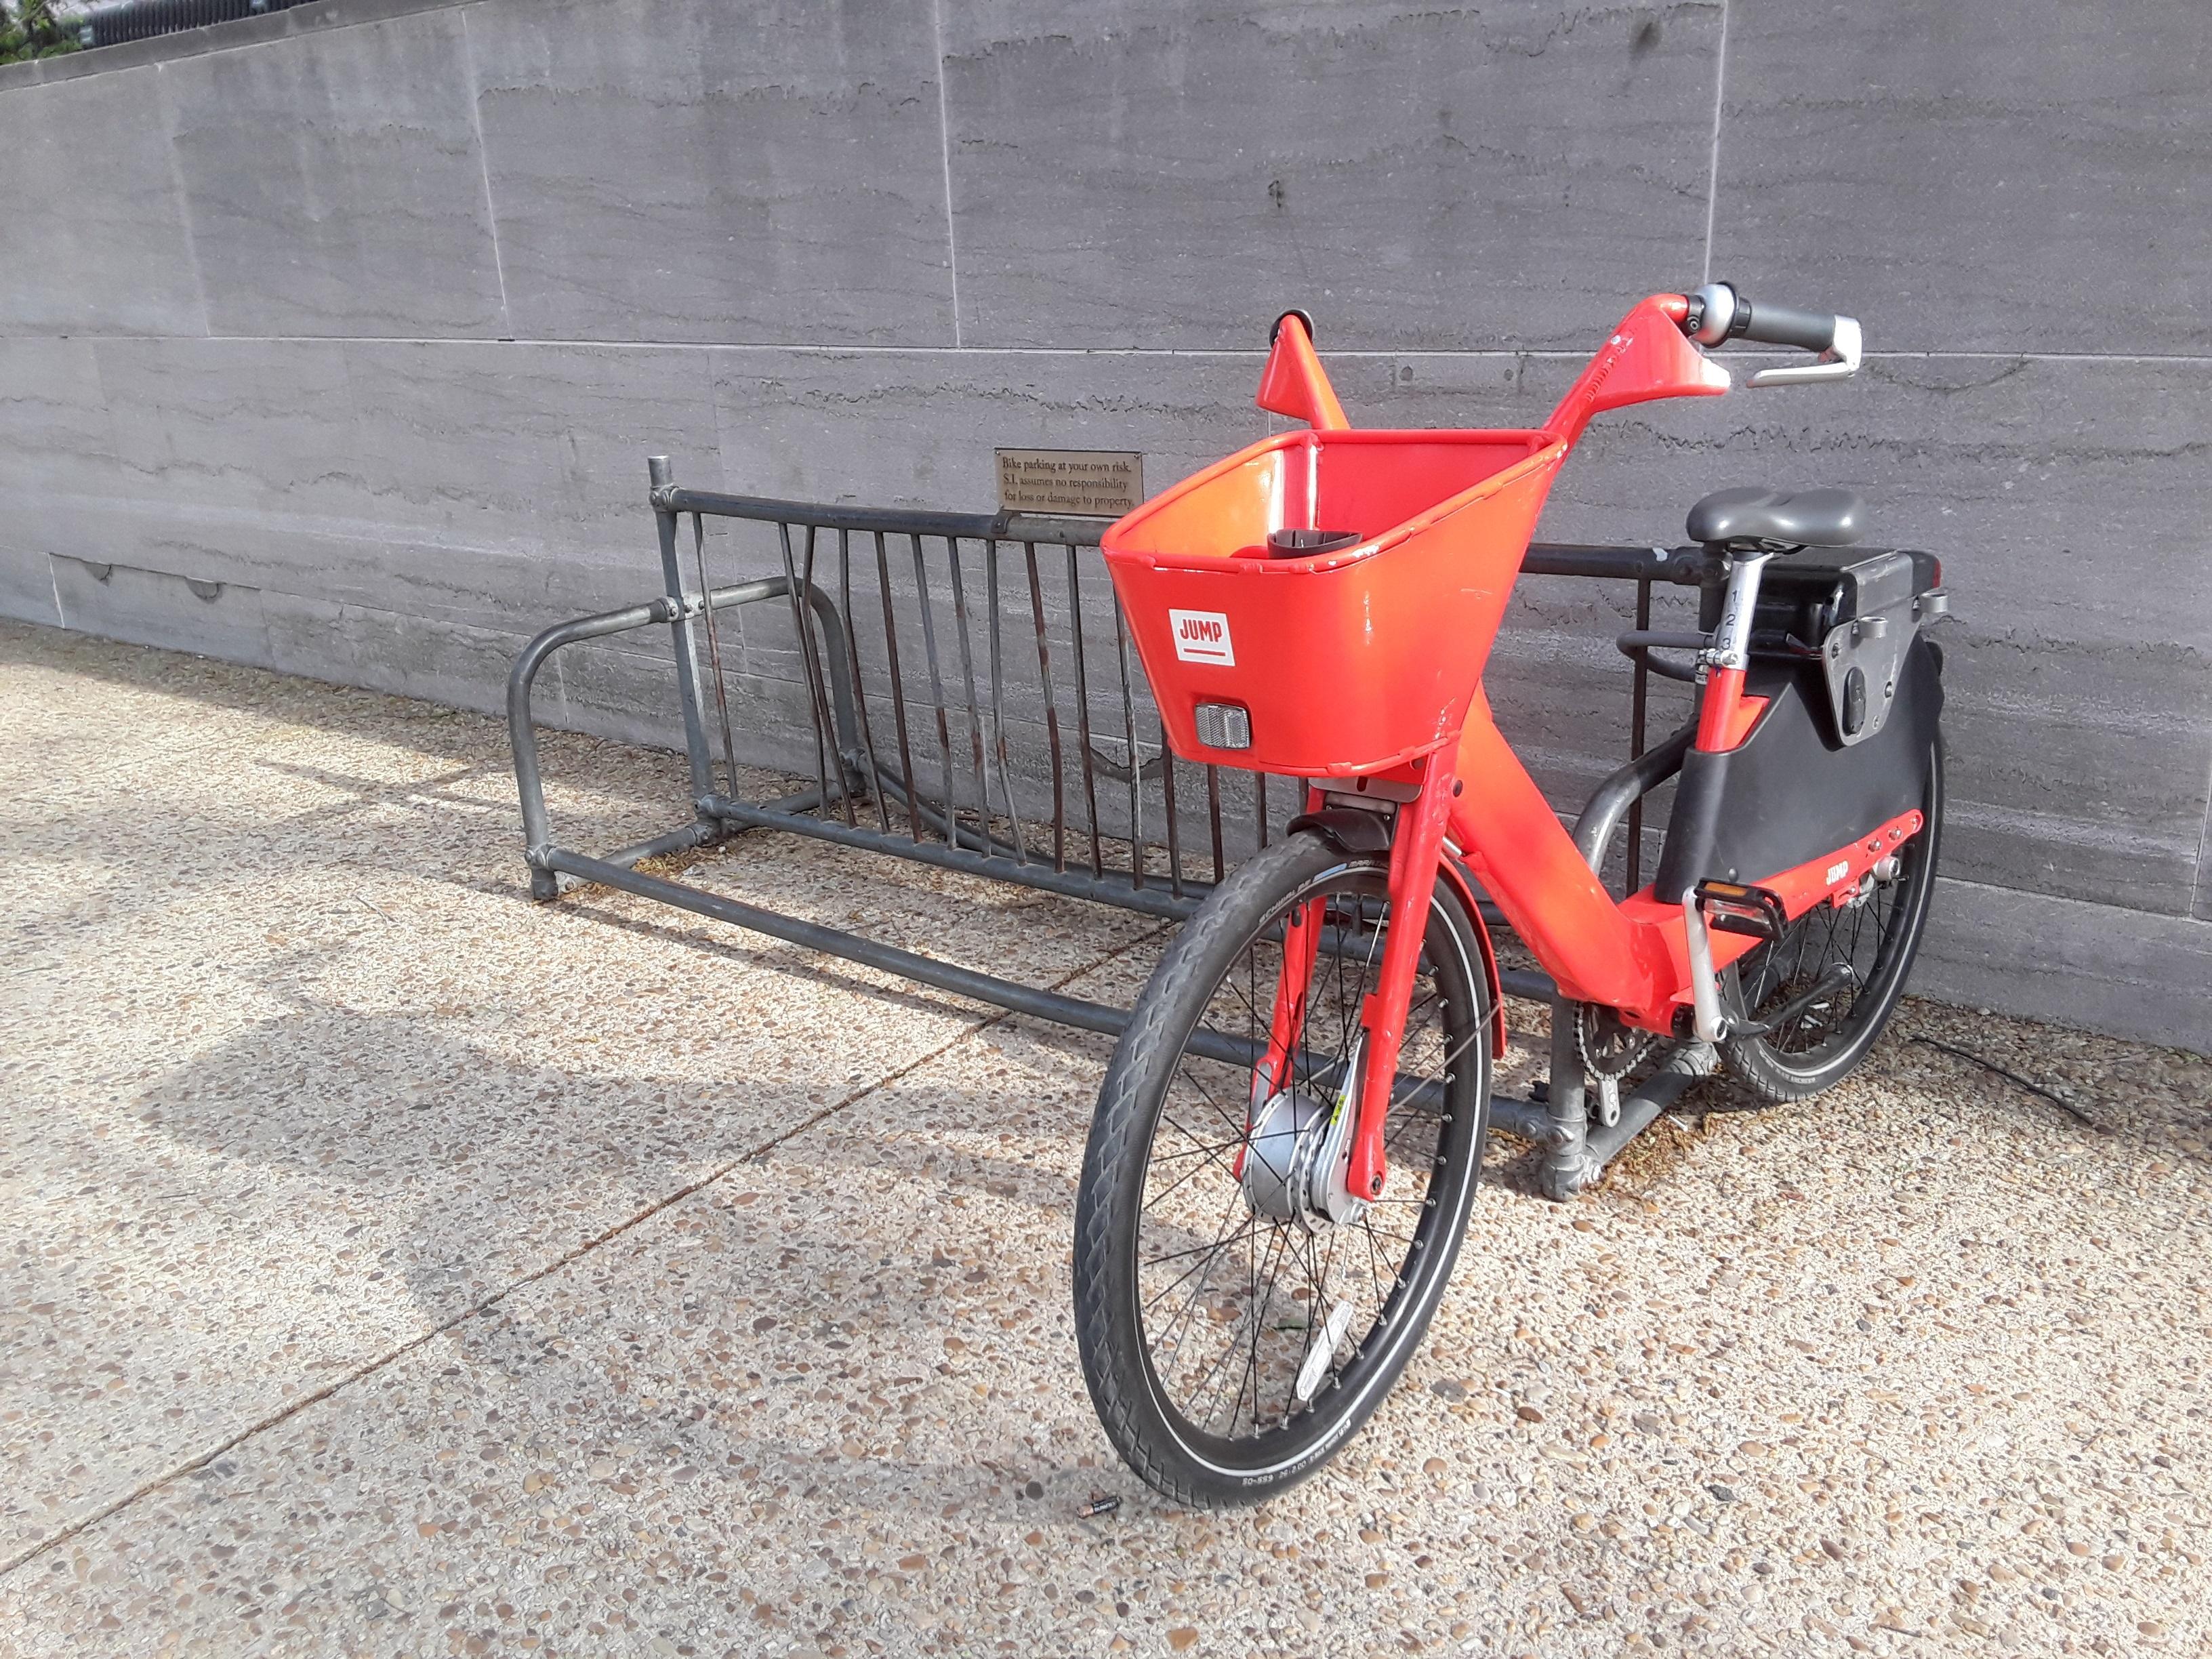 jump_bike_downtown_washington_dc_1.jpg